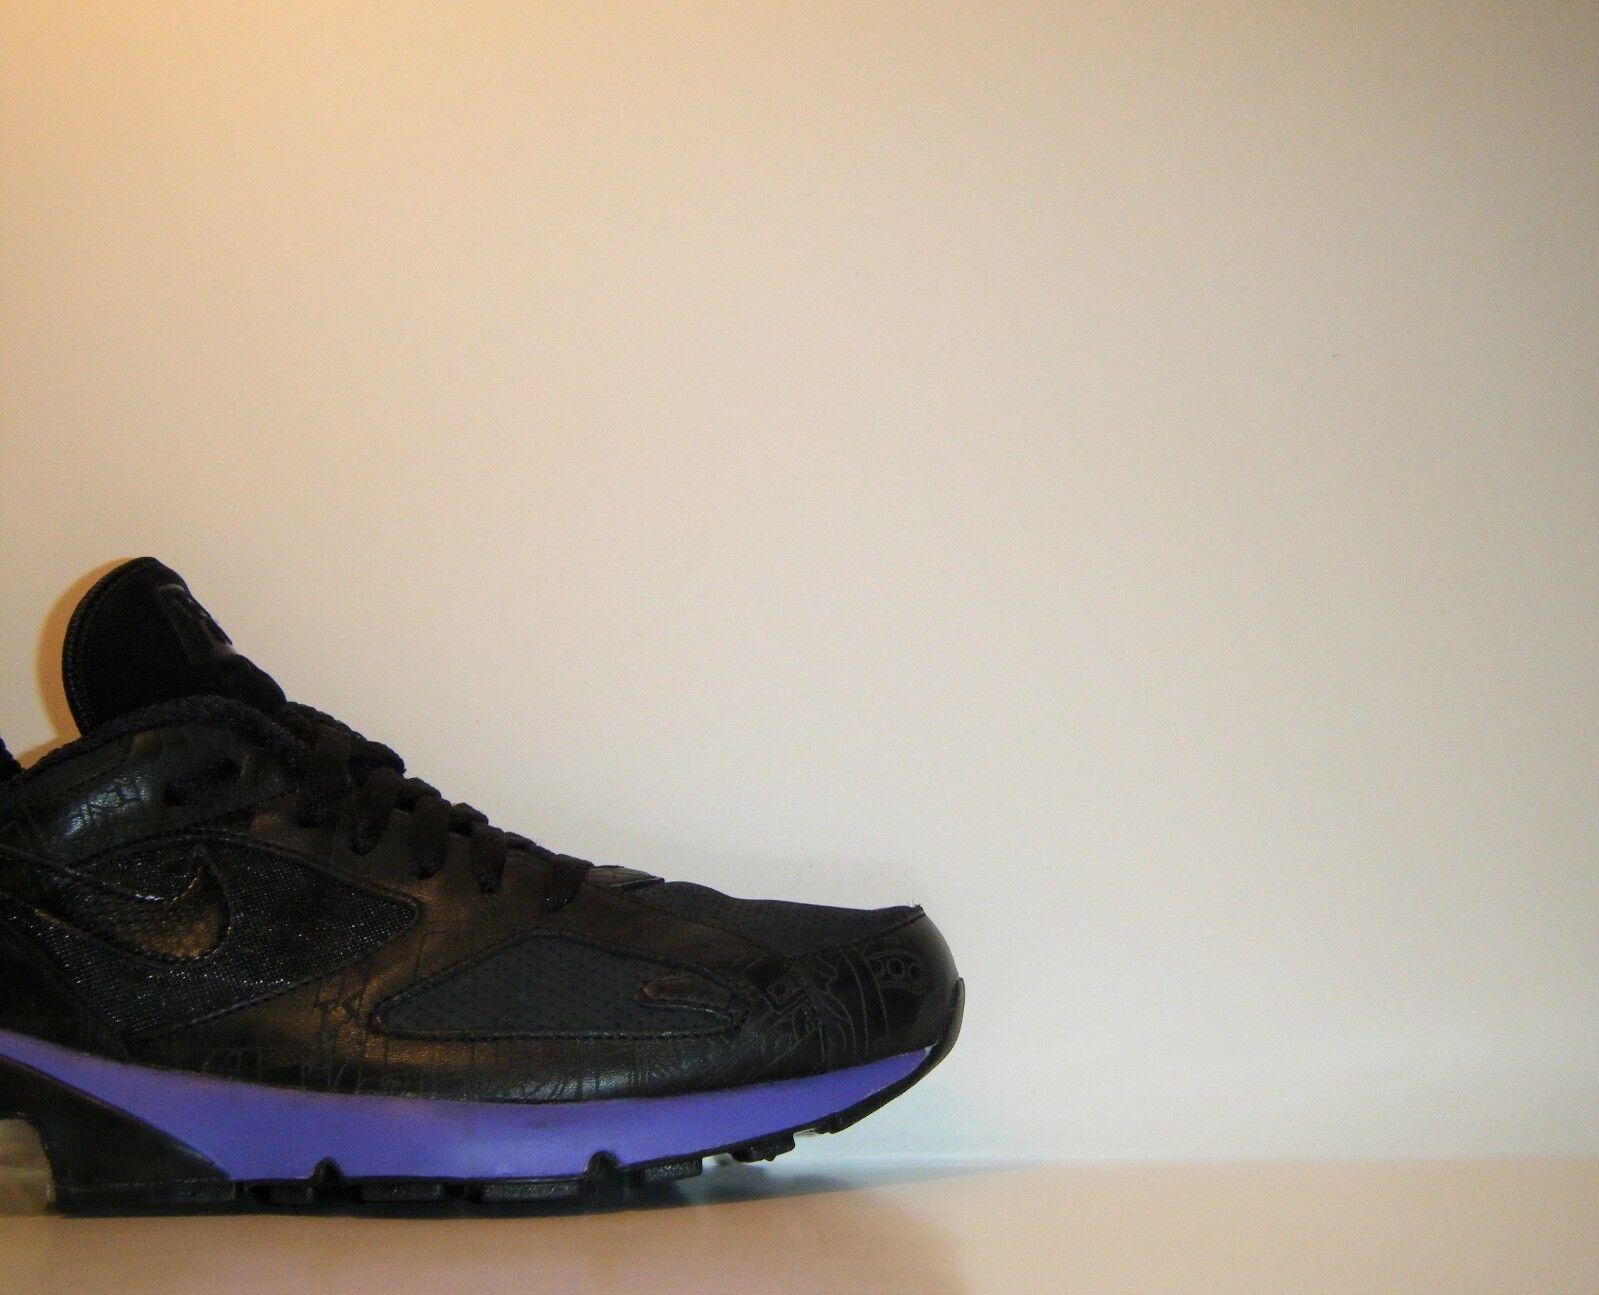 2005 Nike Air Max 180 Powerwall Black Purple 9.5 CDG Cowboy Opium 314200-002 1